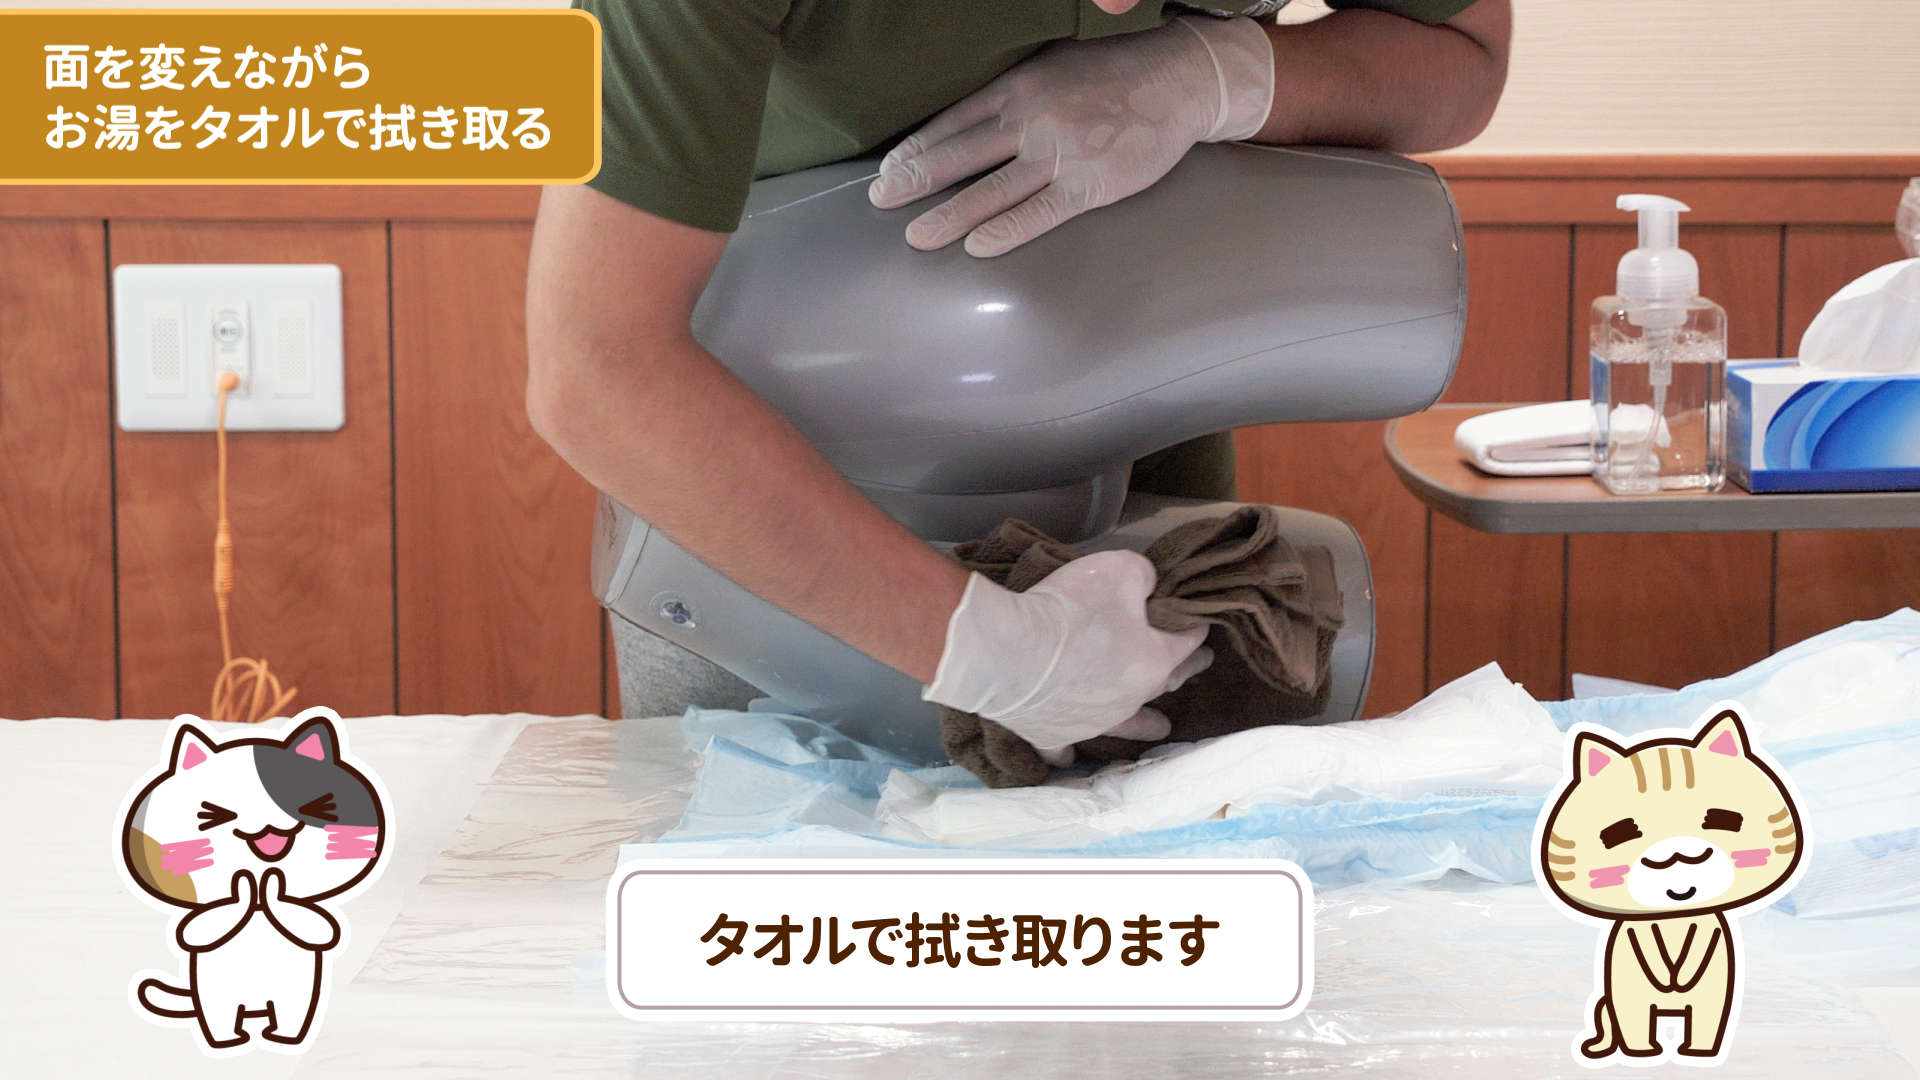 泡ソープで洗うのイメージ